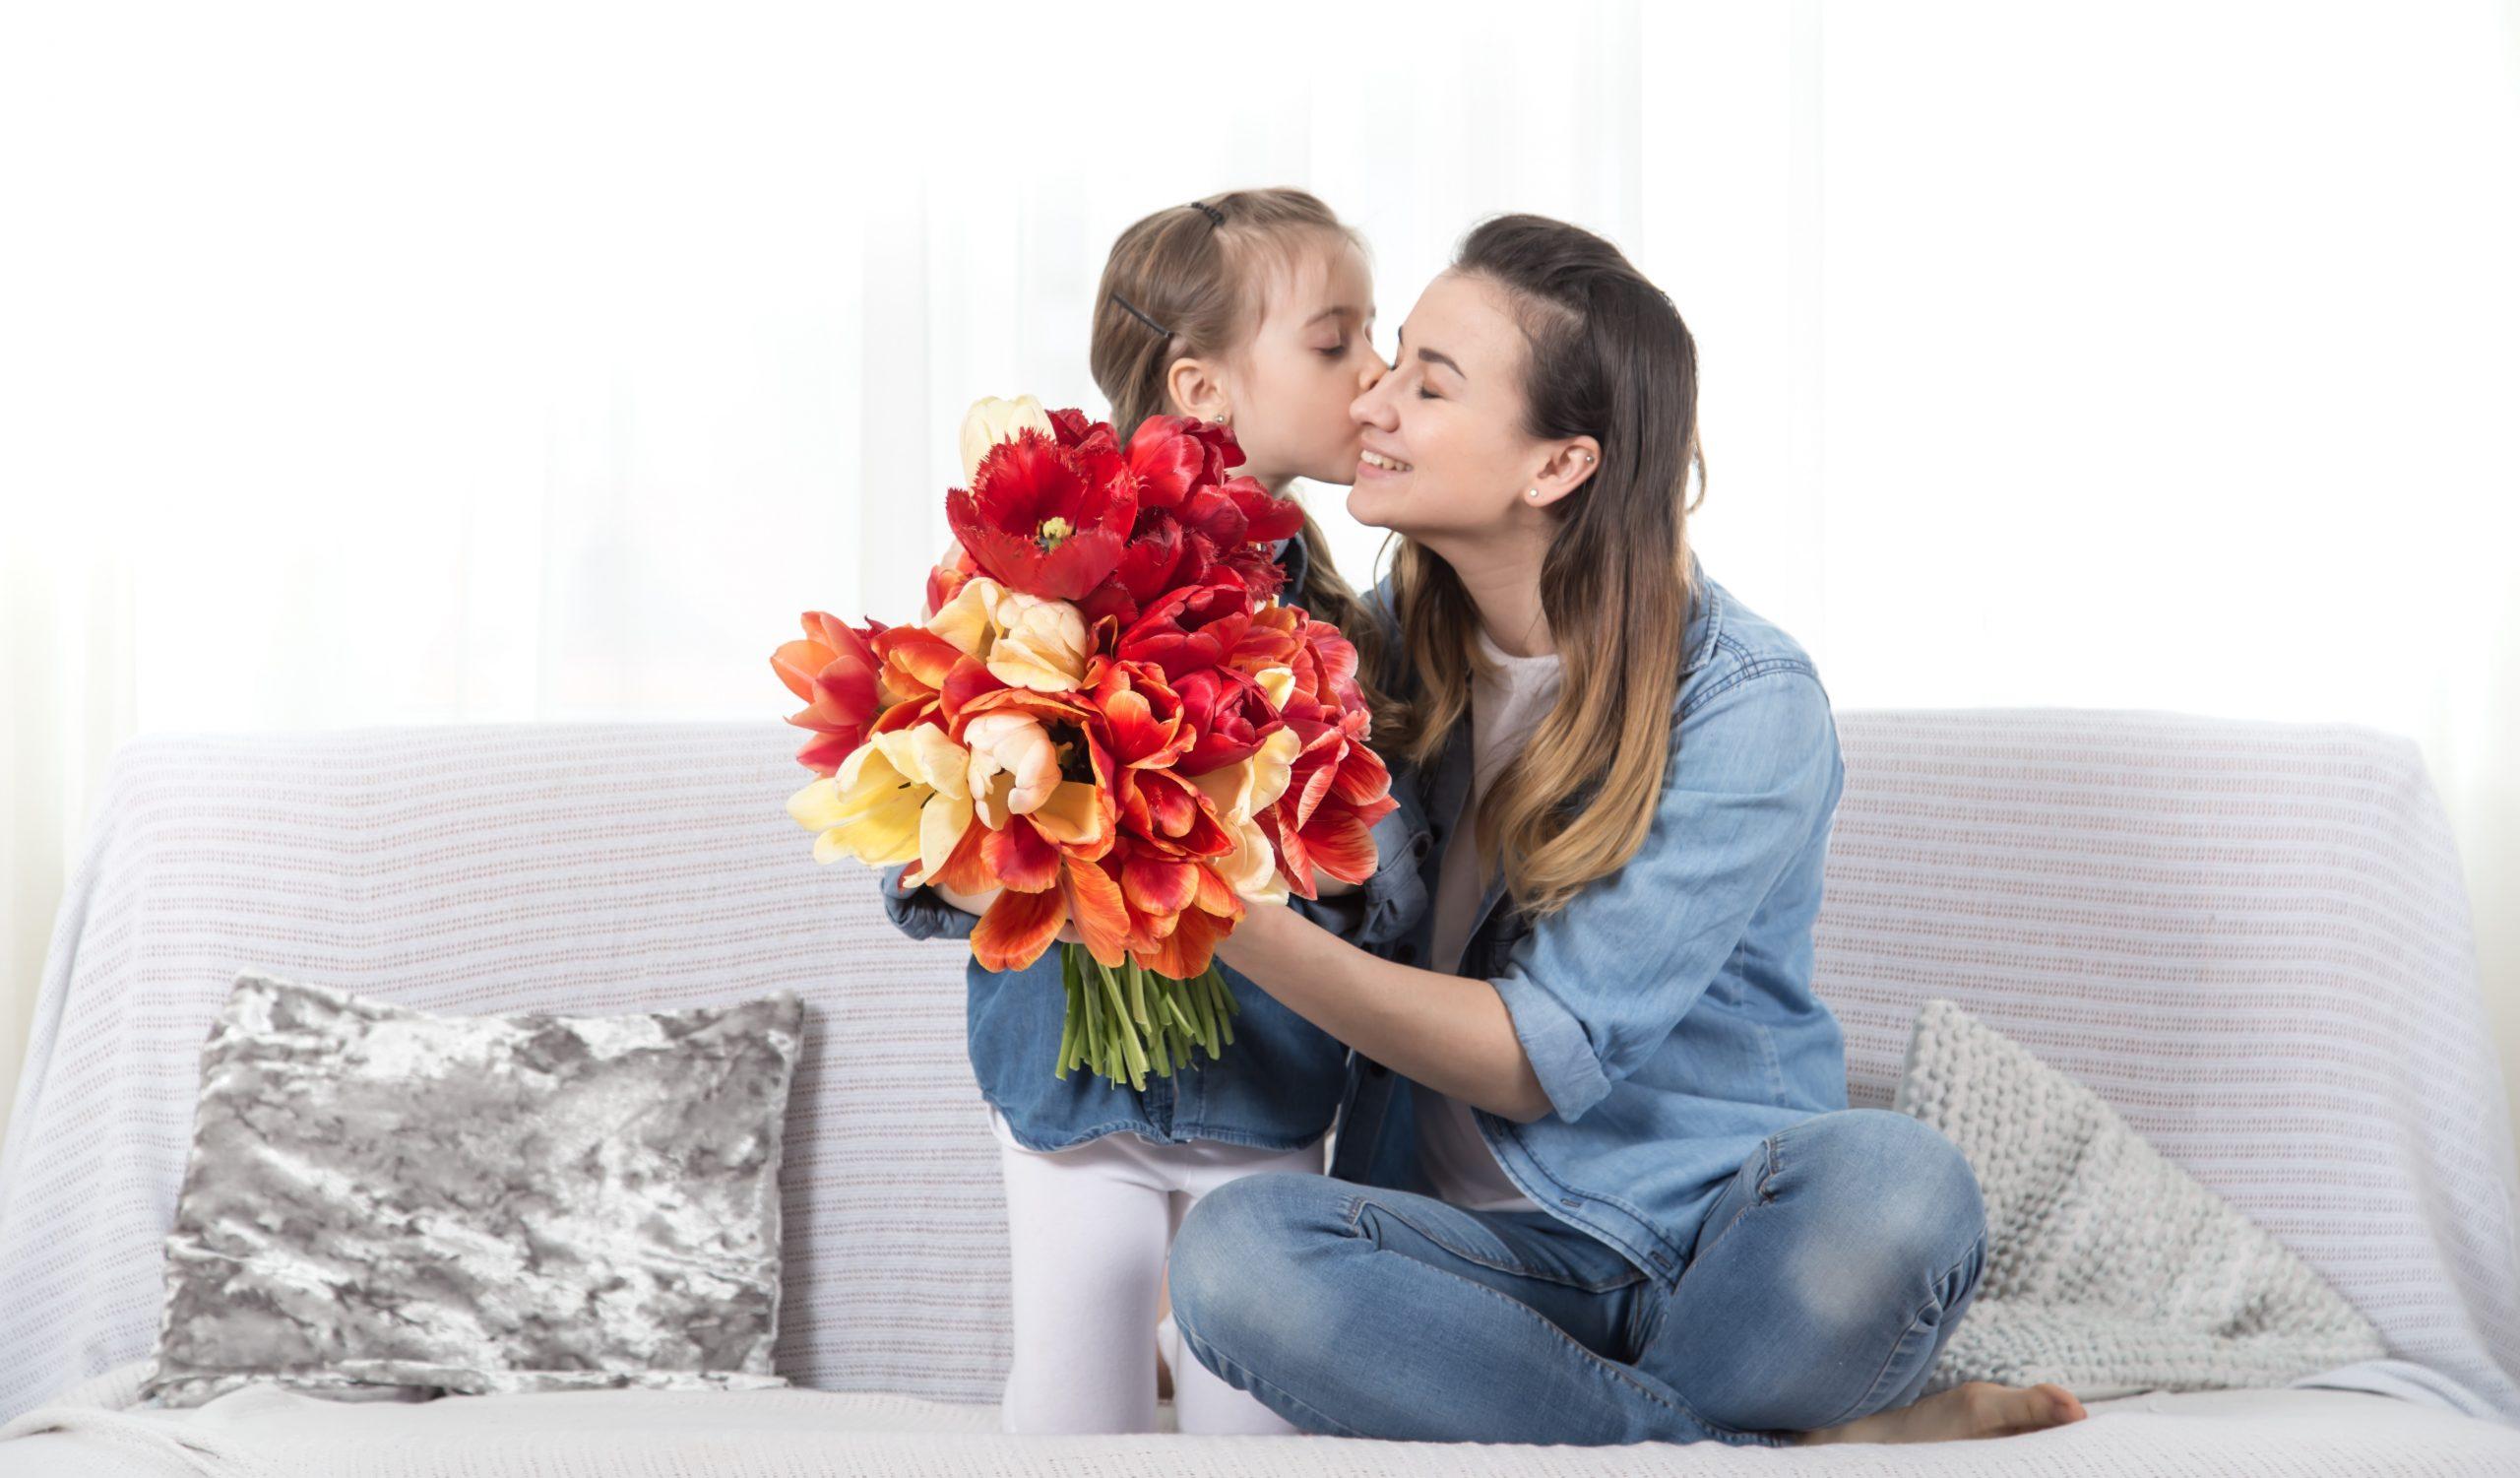 Cvetoč 25. marec – materinski dan!